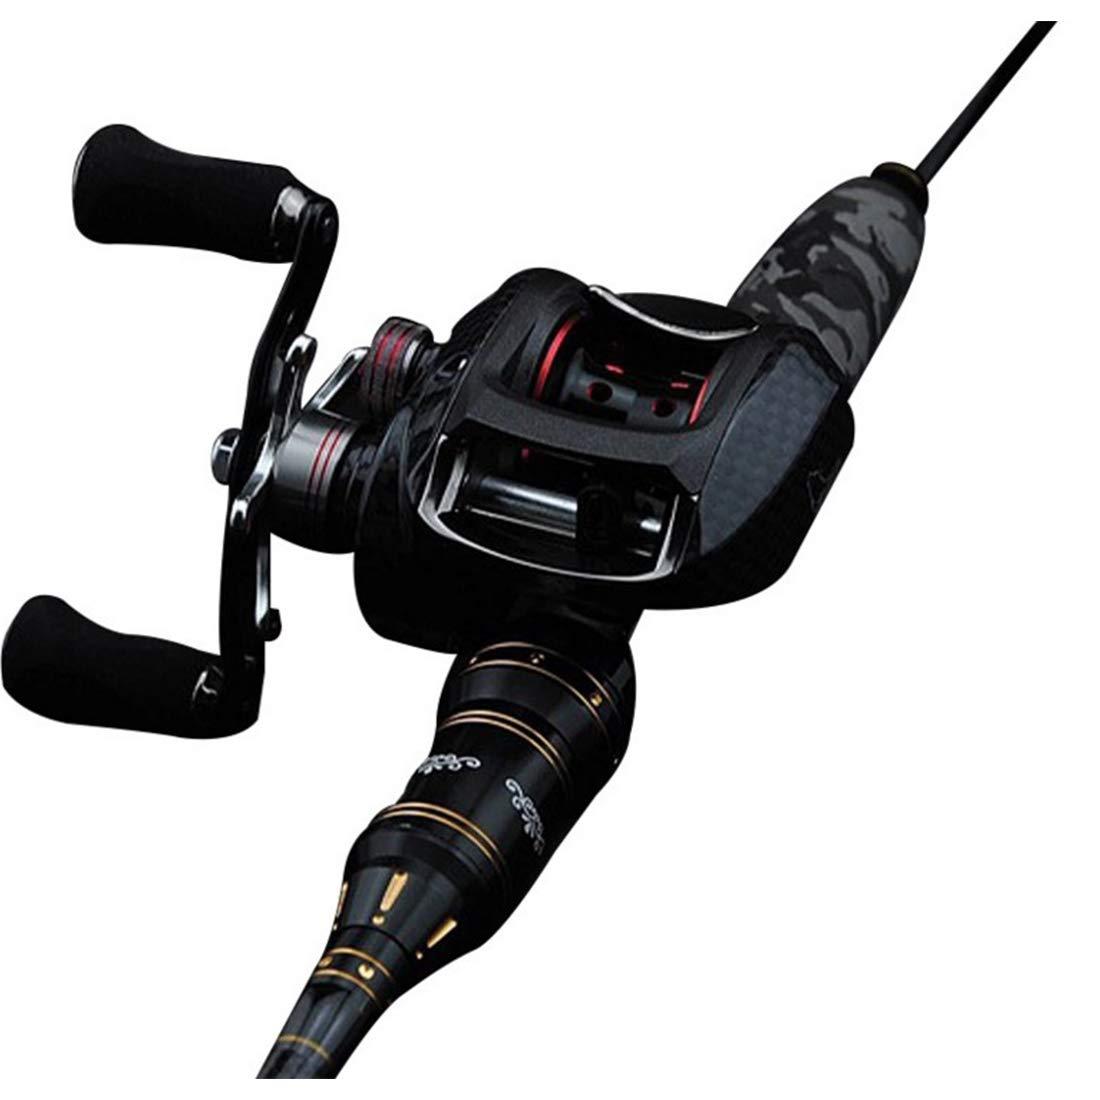 荒波が百貨店を使う 釣りタックルセットスピニングロッドリールコンボラインは、海の塩水淡水ボート釣りのためのフックトラベルバッグ、完全なフルセット(2.1M / 2.4M)を完了します。 2.1m Gun handle B07Q82N7K2